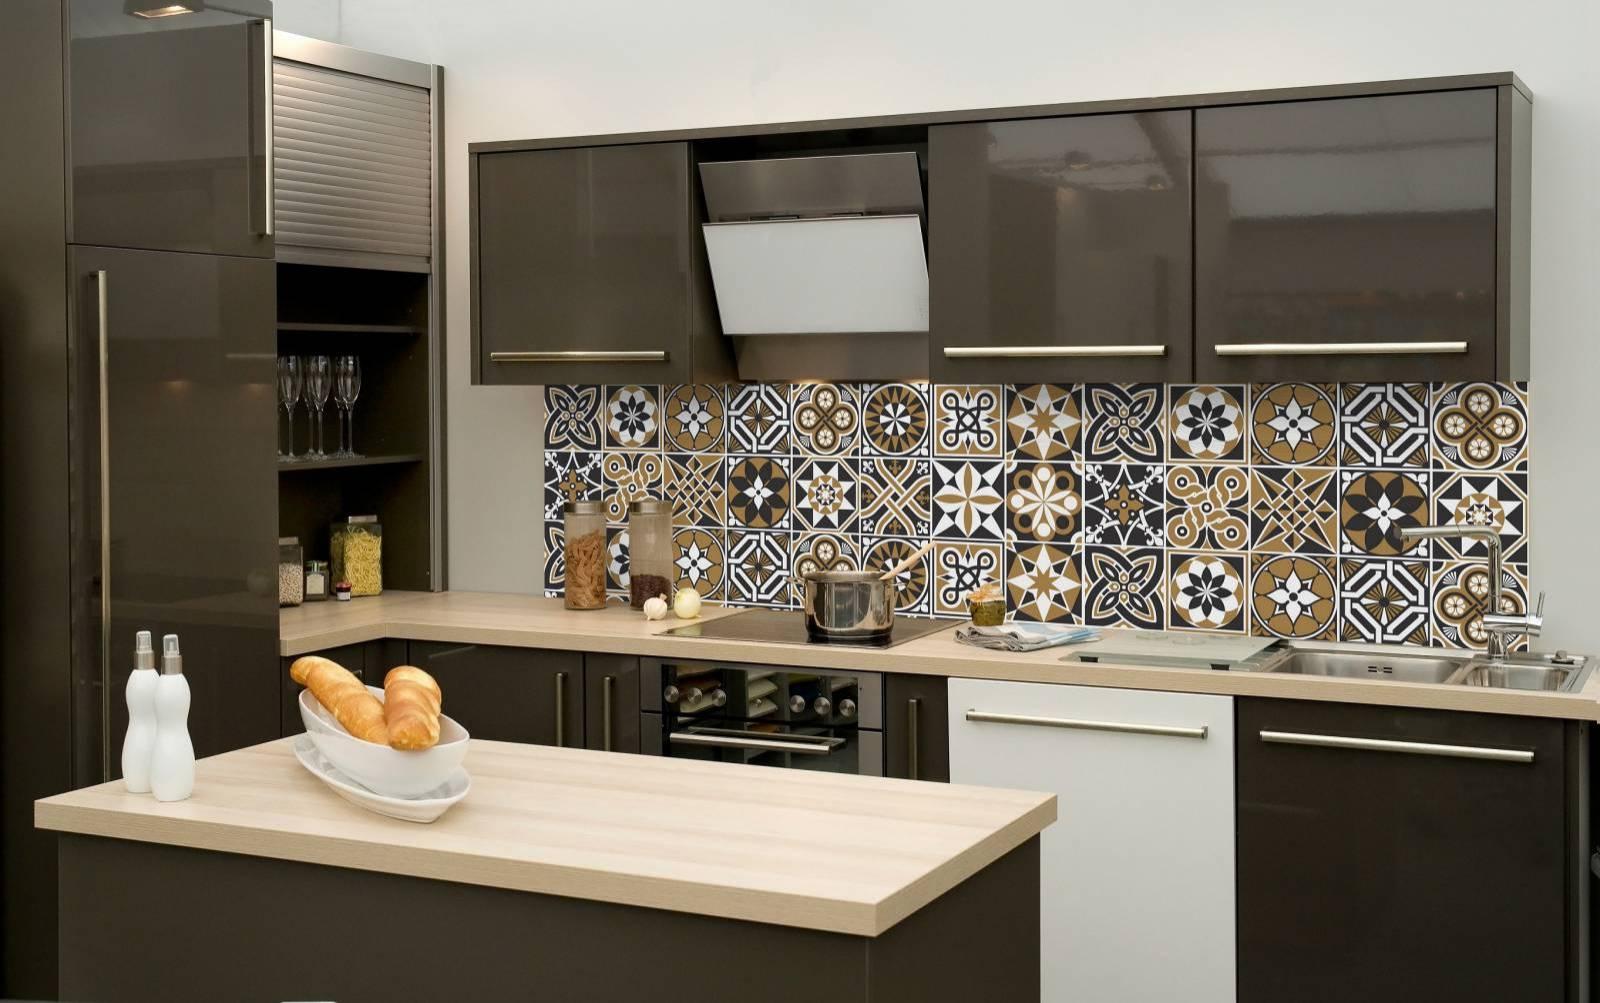 Redecorei > Adesivo de Azulejo > Cozinha / Banheiro #9F6E2C 1600x1003 Azulejo Banheiro Tamanho